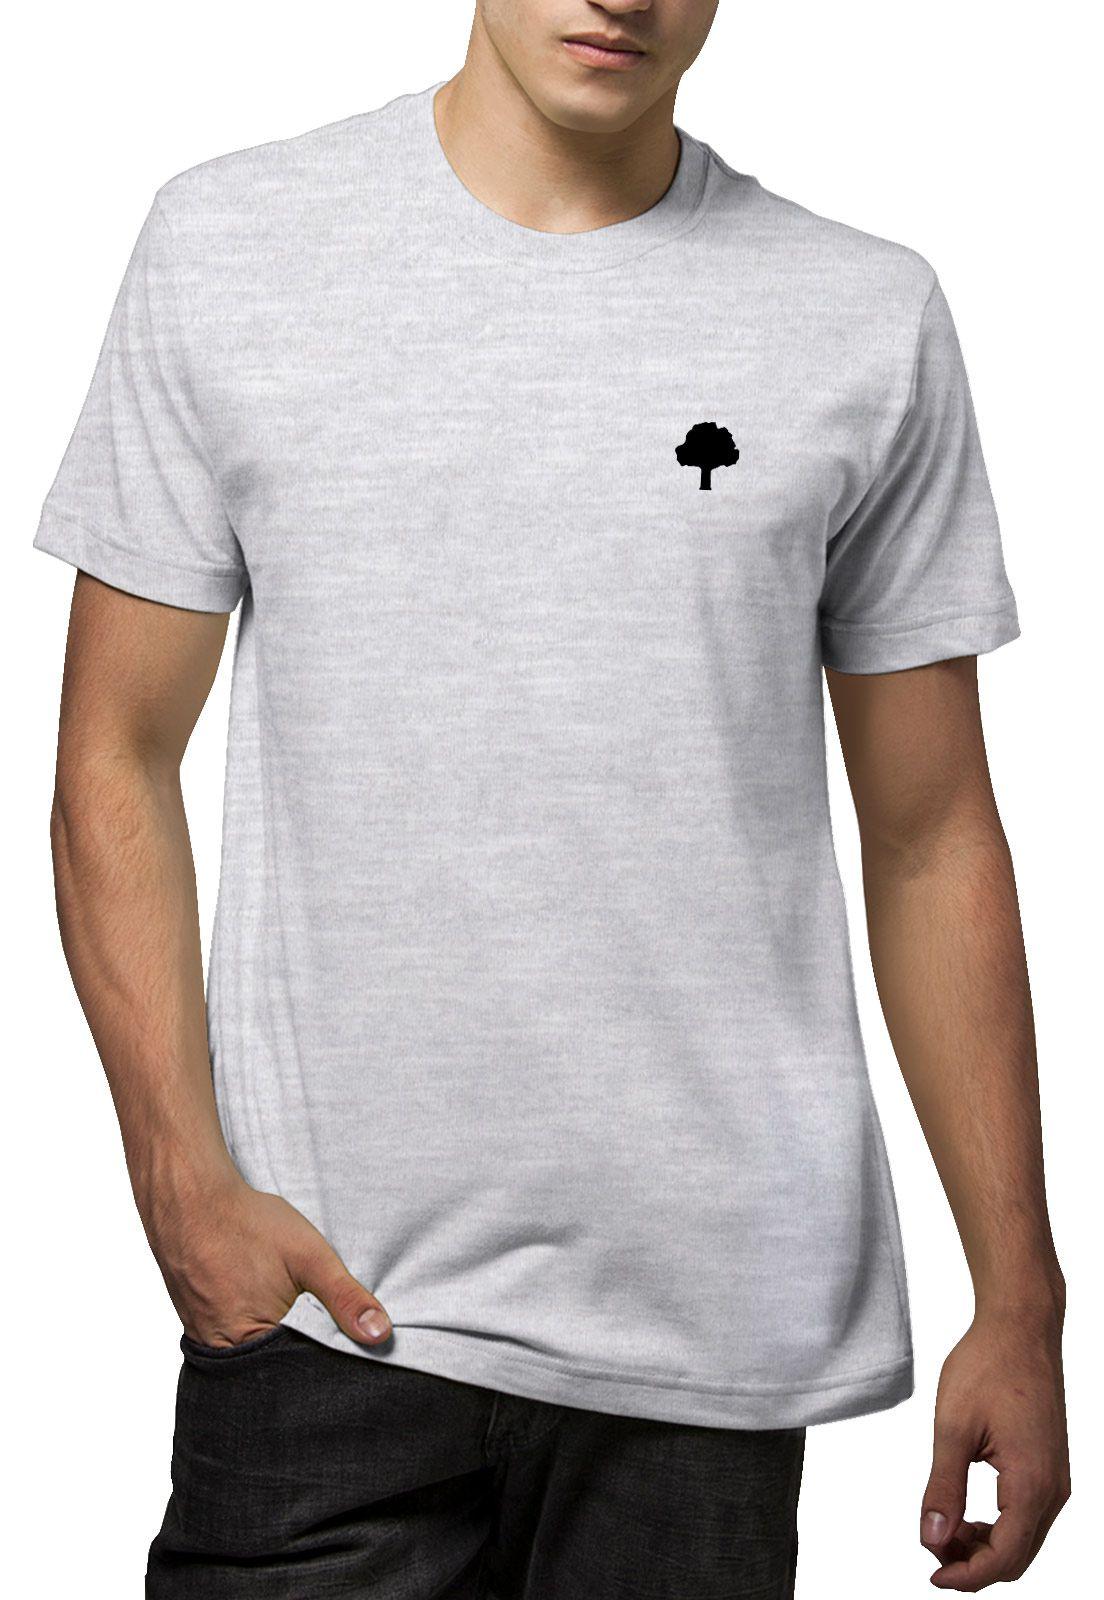 Camiseta Amazônia Mandala Pena - Mescla Claro